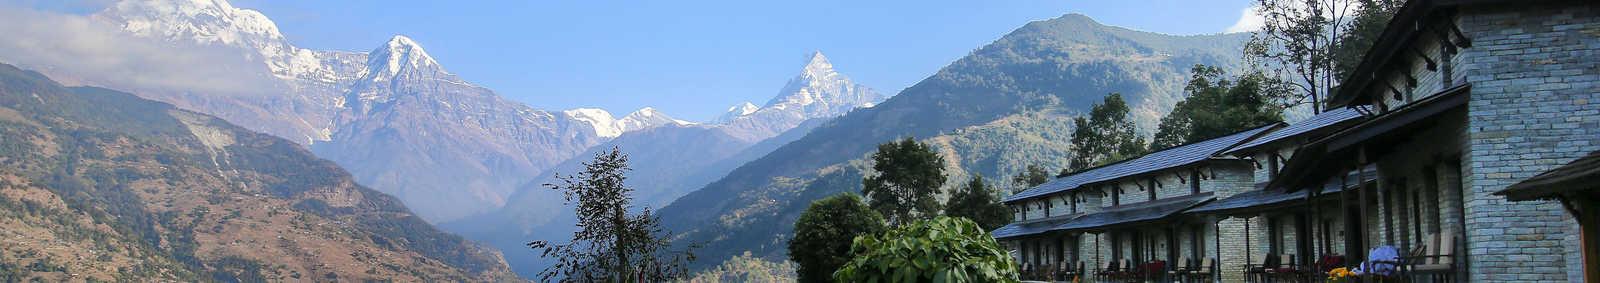 Ker & Downey Lodge, Nepal